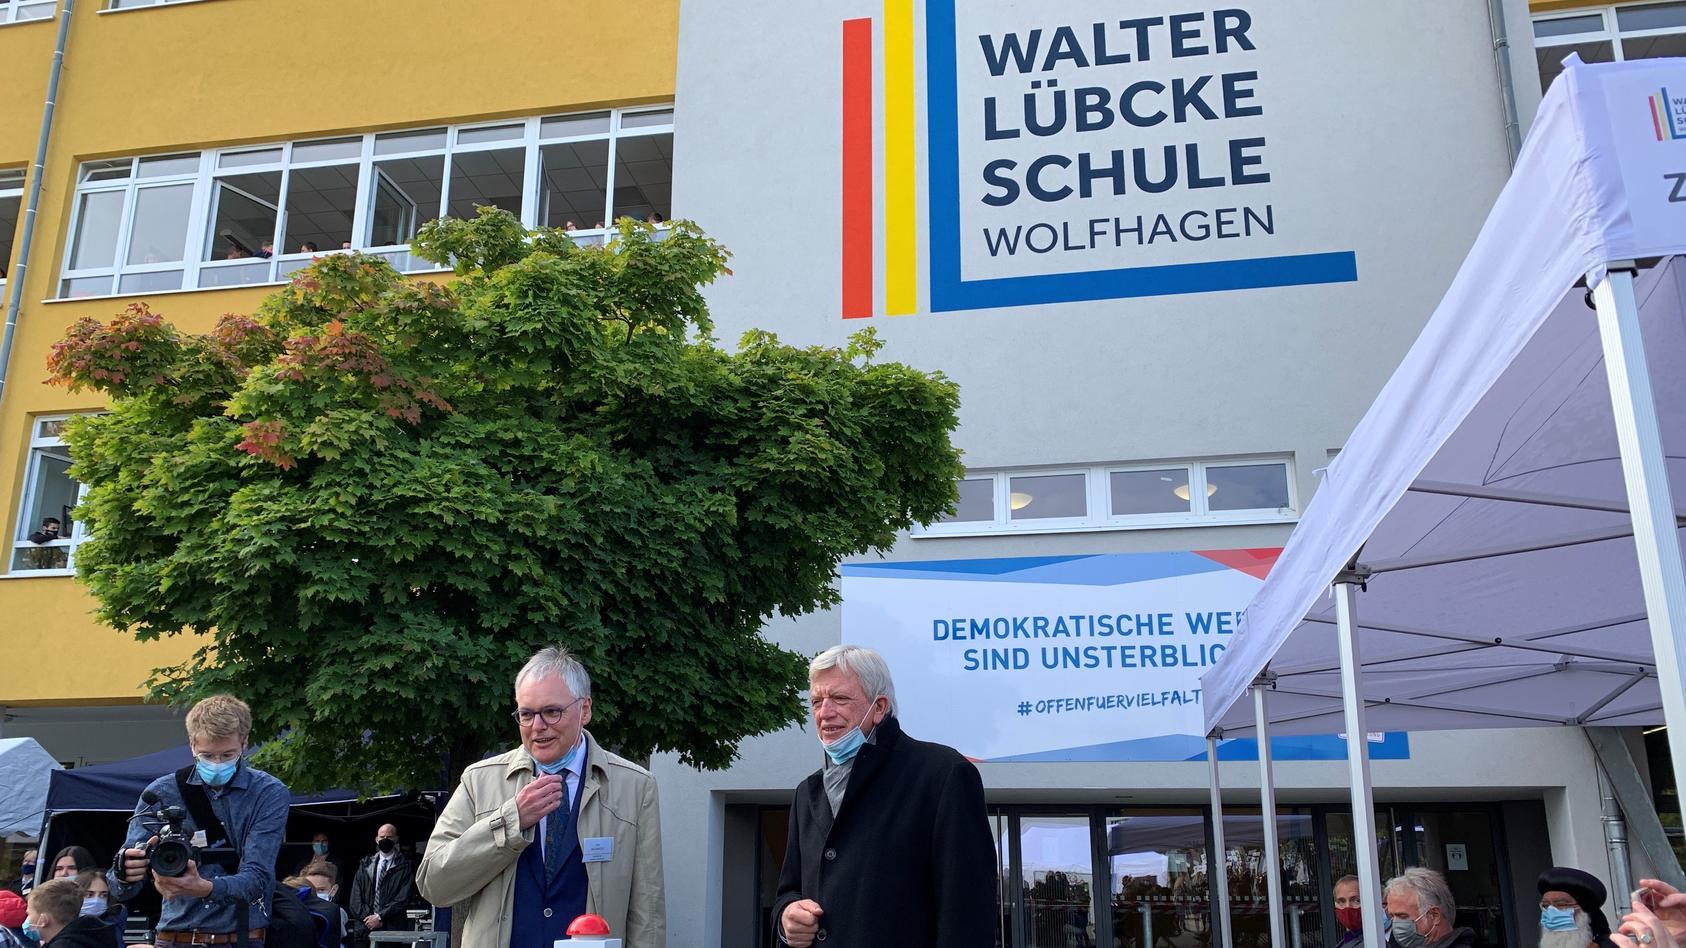 Der hessische Ministerpräsident Volker Bouffier (CDU) hat heute die bundesweit erste Walter-Lübcke-Schule eingeweiht.